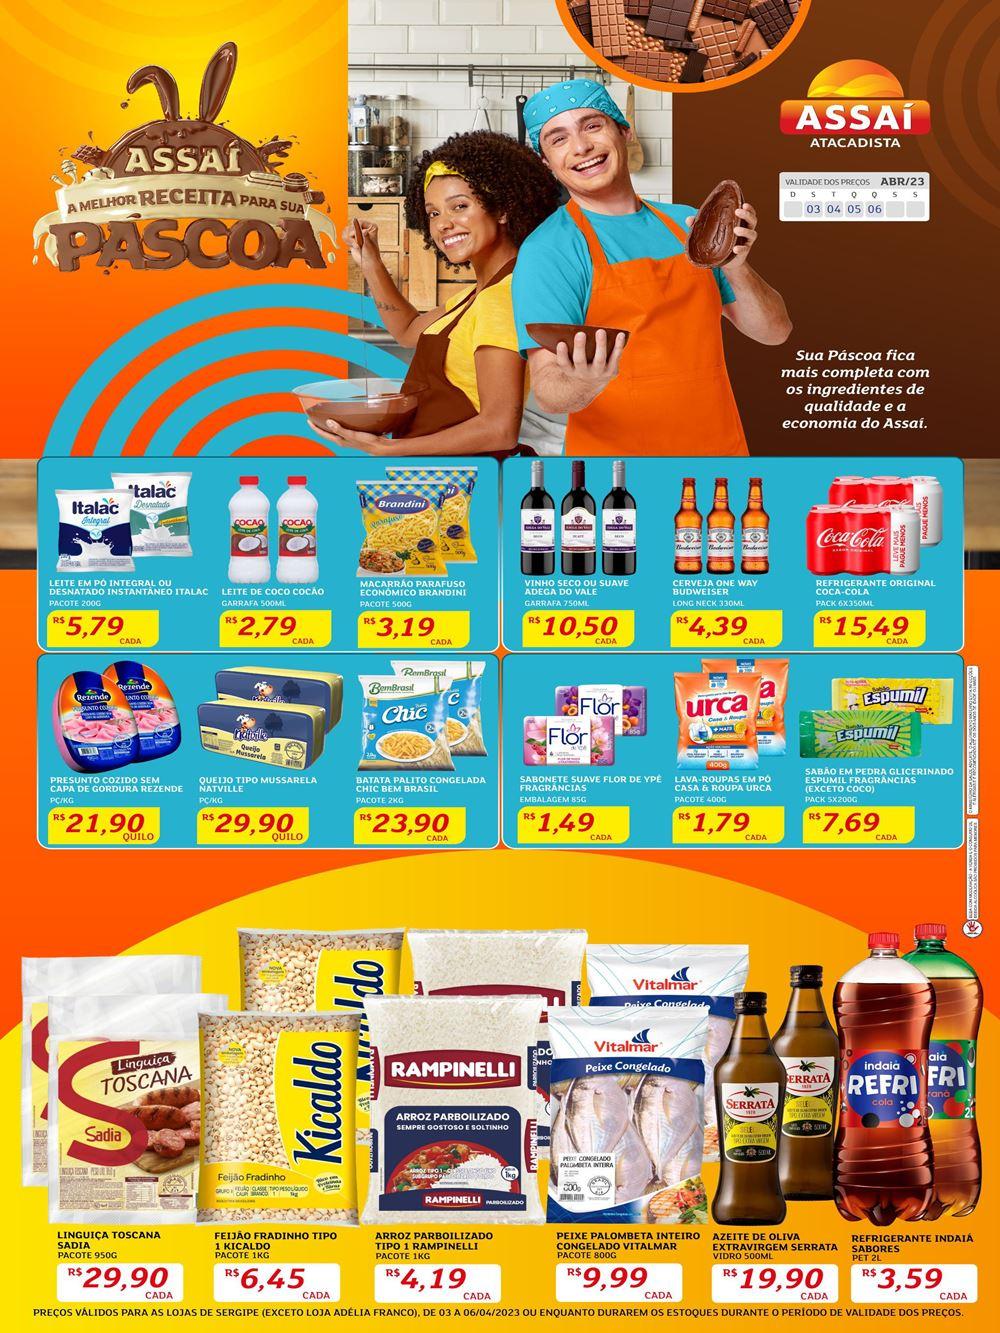 assai-ofertas-descontos-hoje57-7 Pará